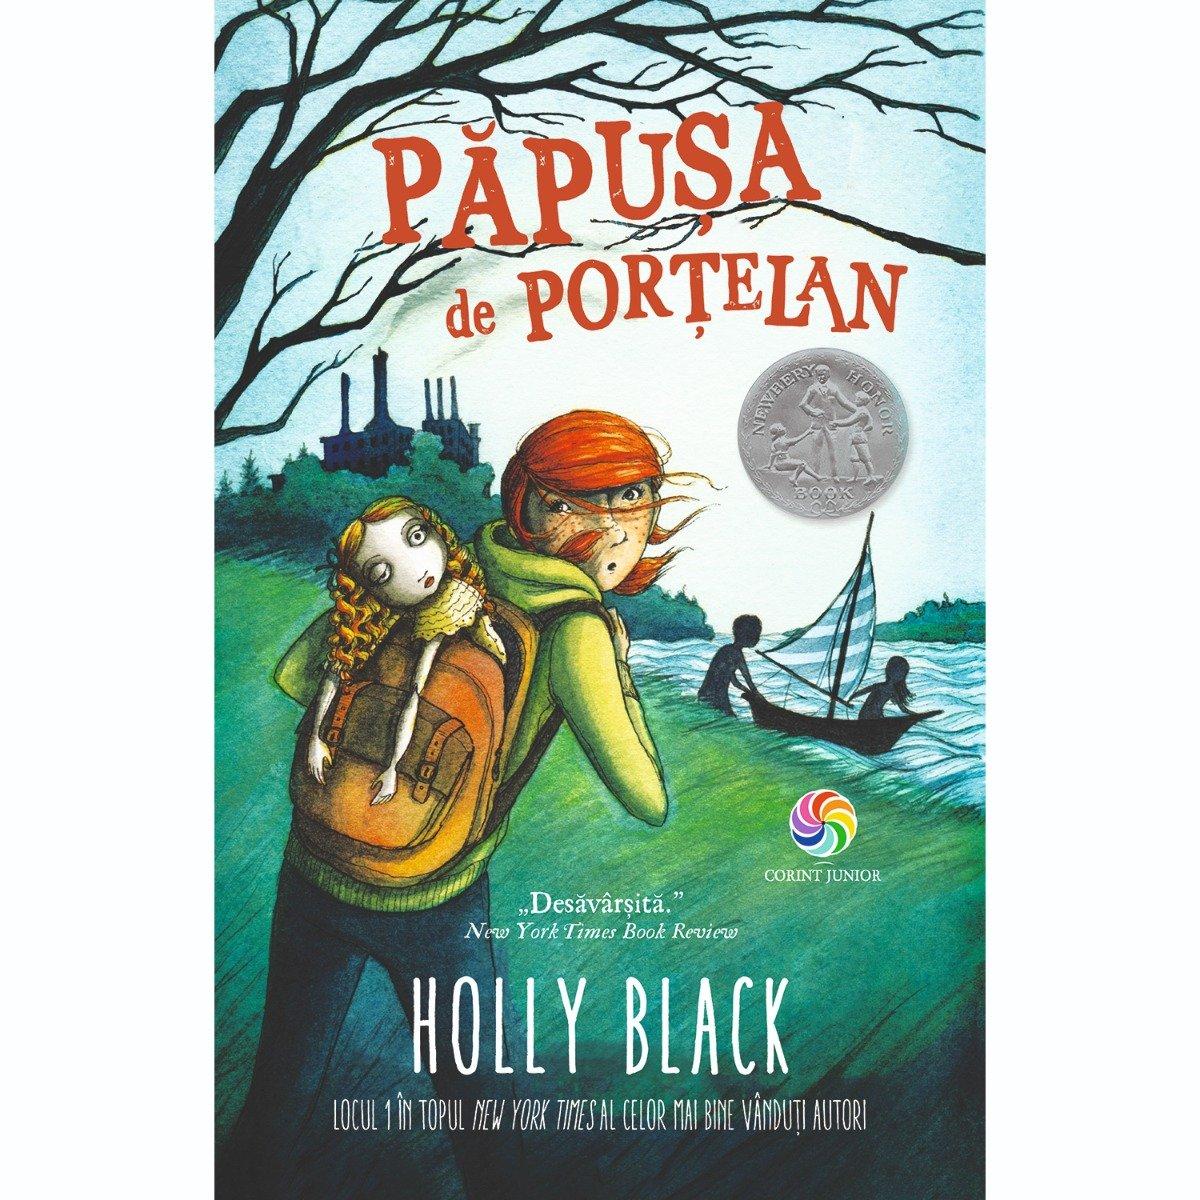 Carte Editura Corint, Papusa de portelan, Holly Black